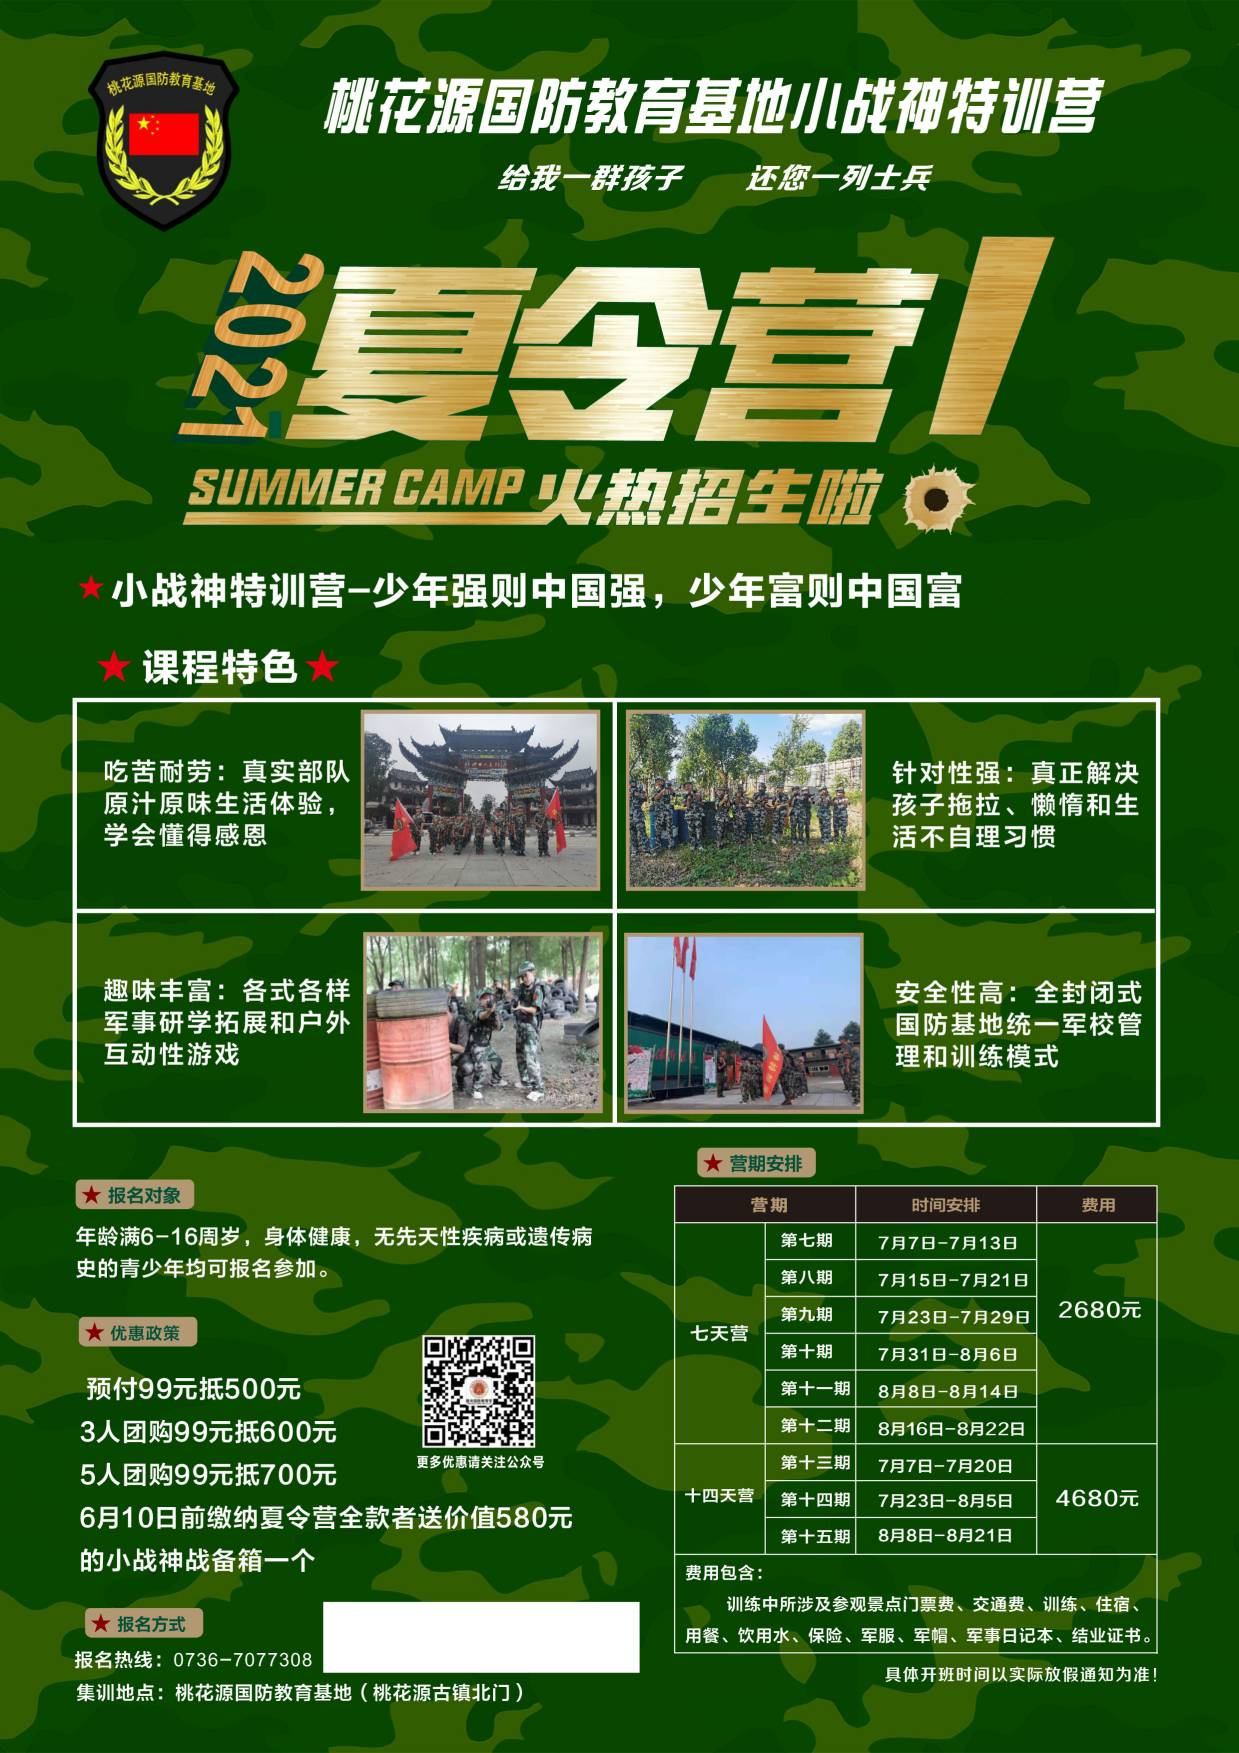 2021年桃花源国防教育基地列军事夏令营火热招生中